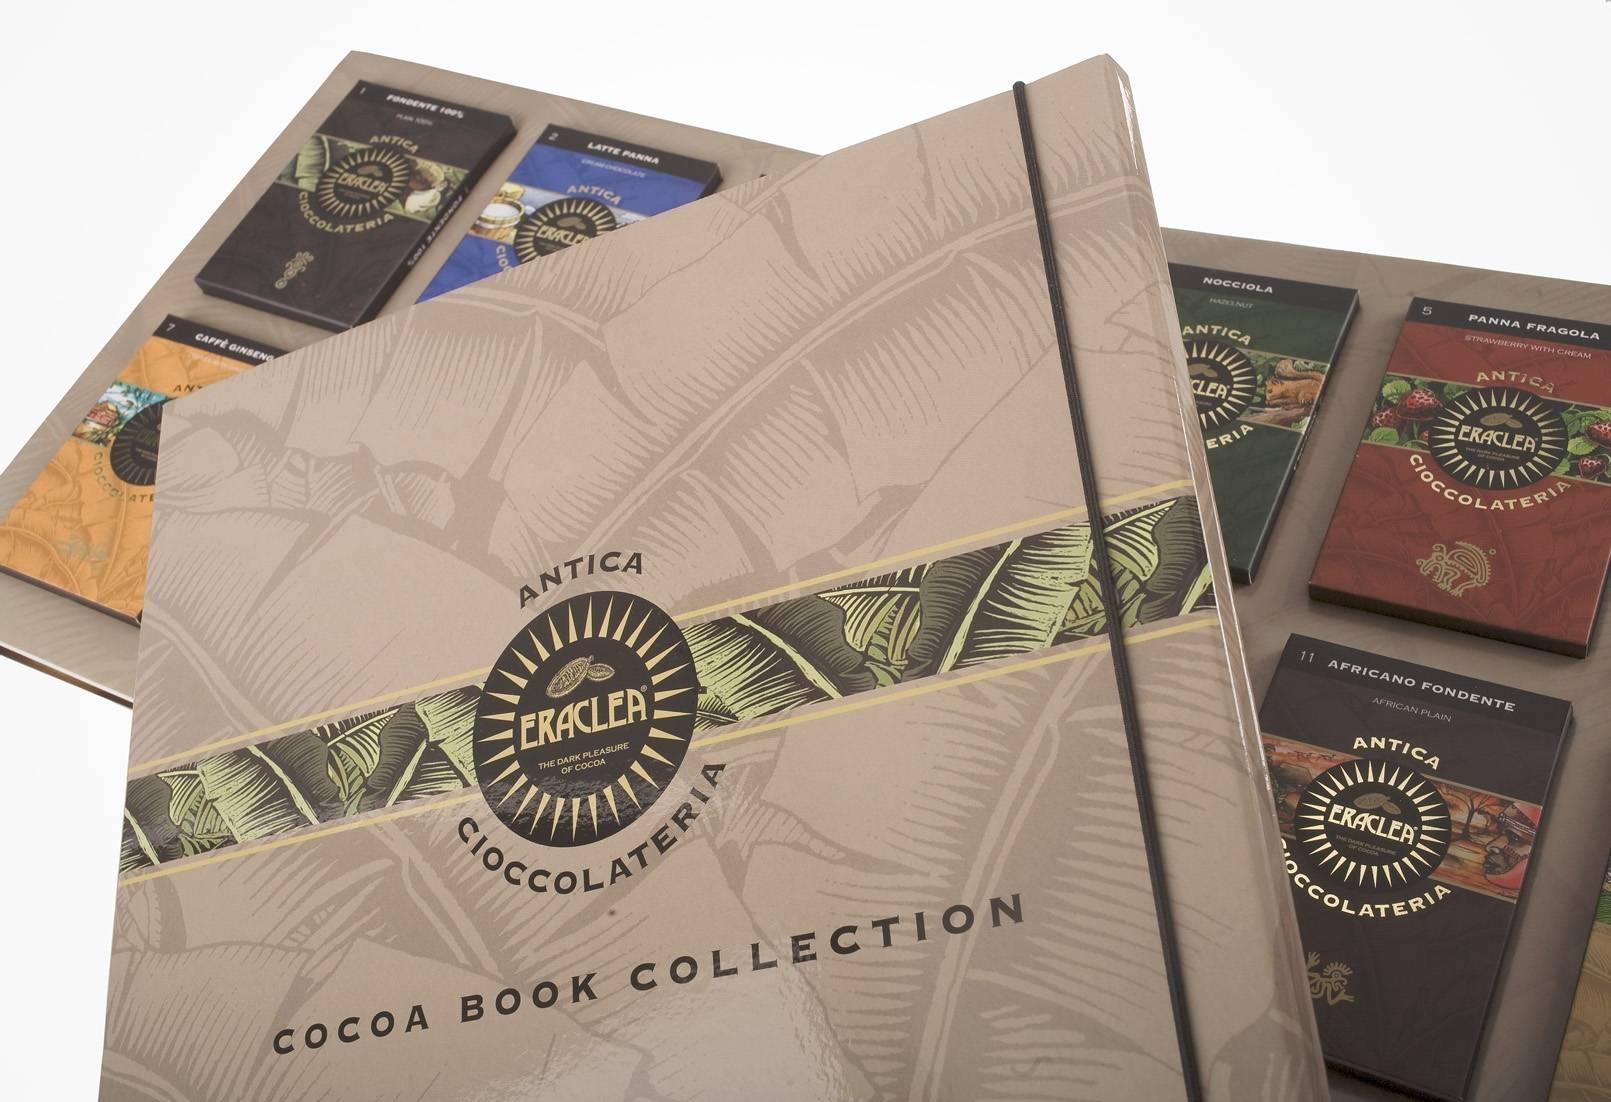 Cocoa Book